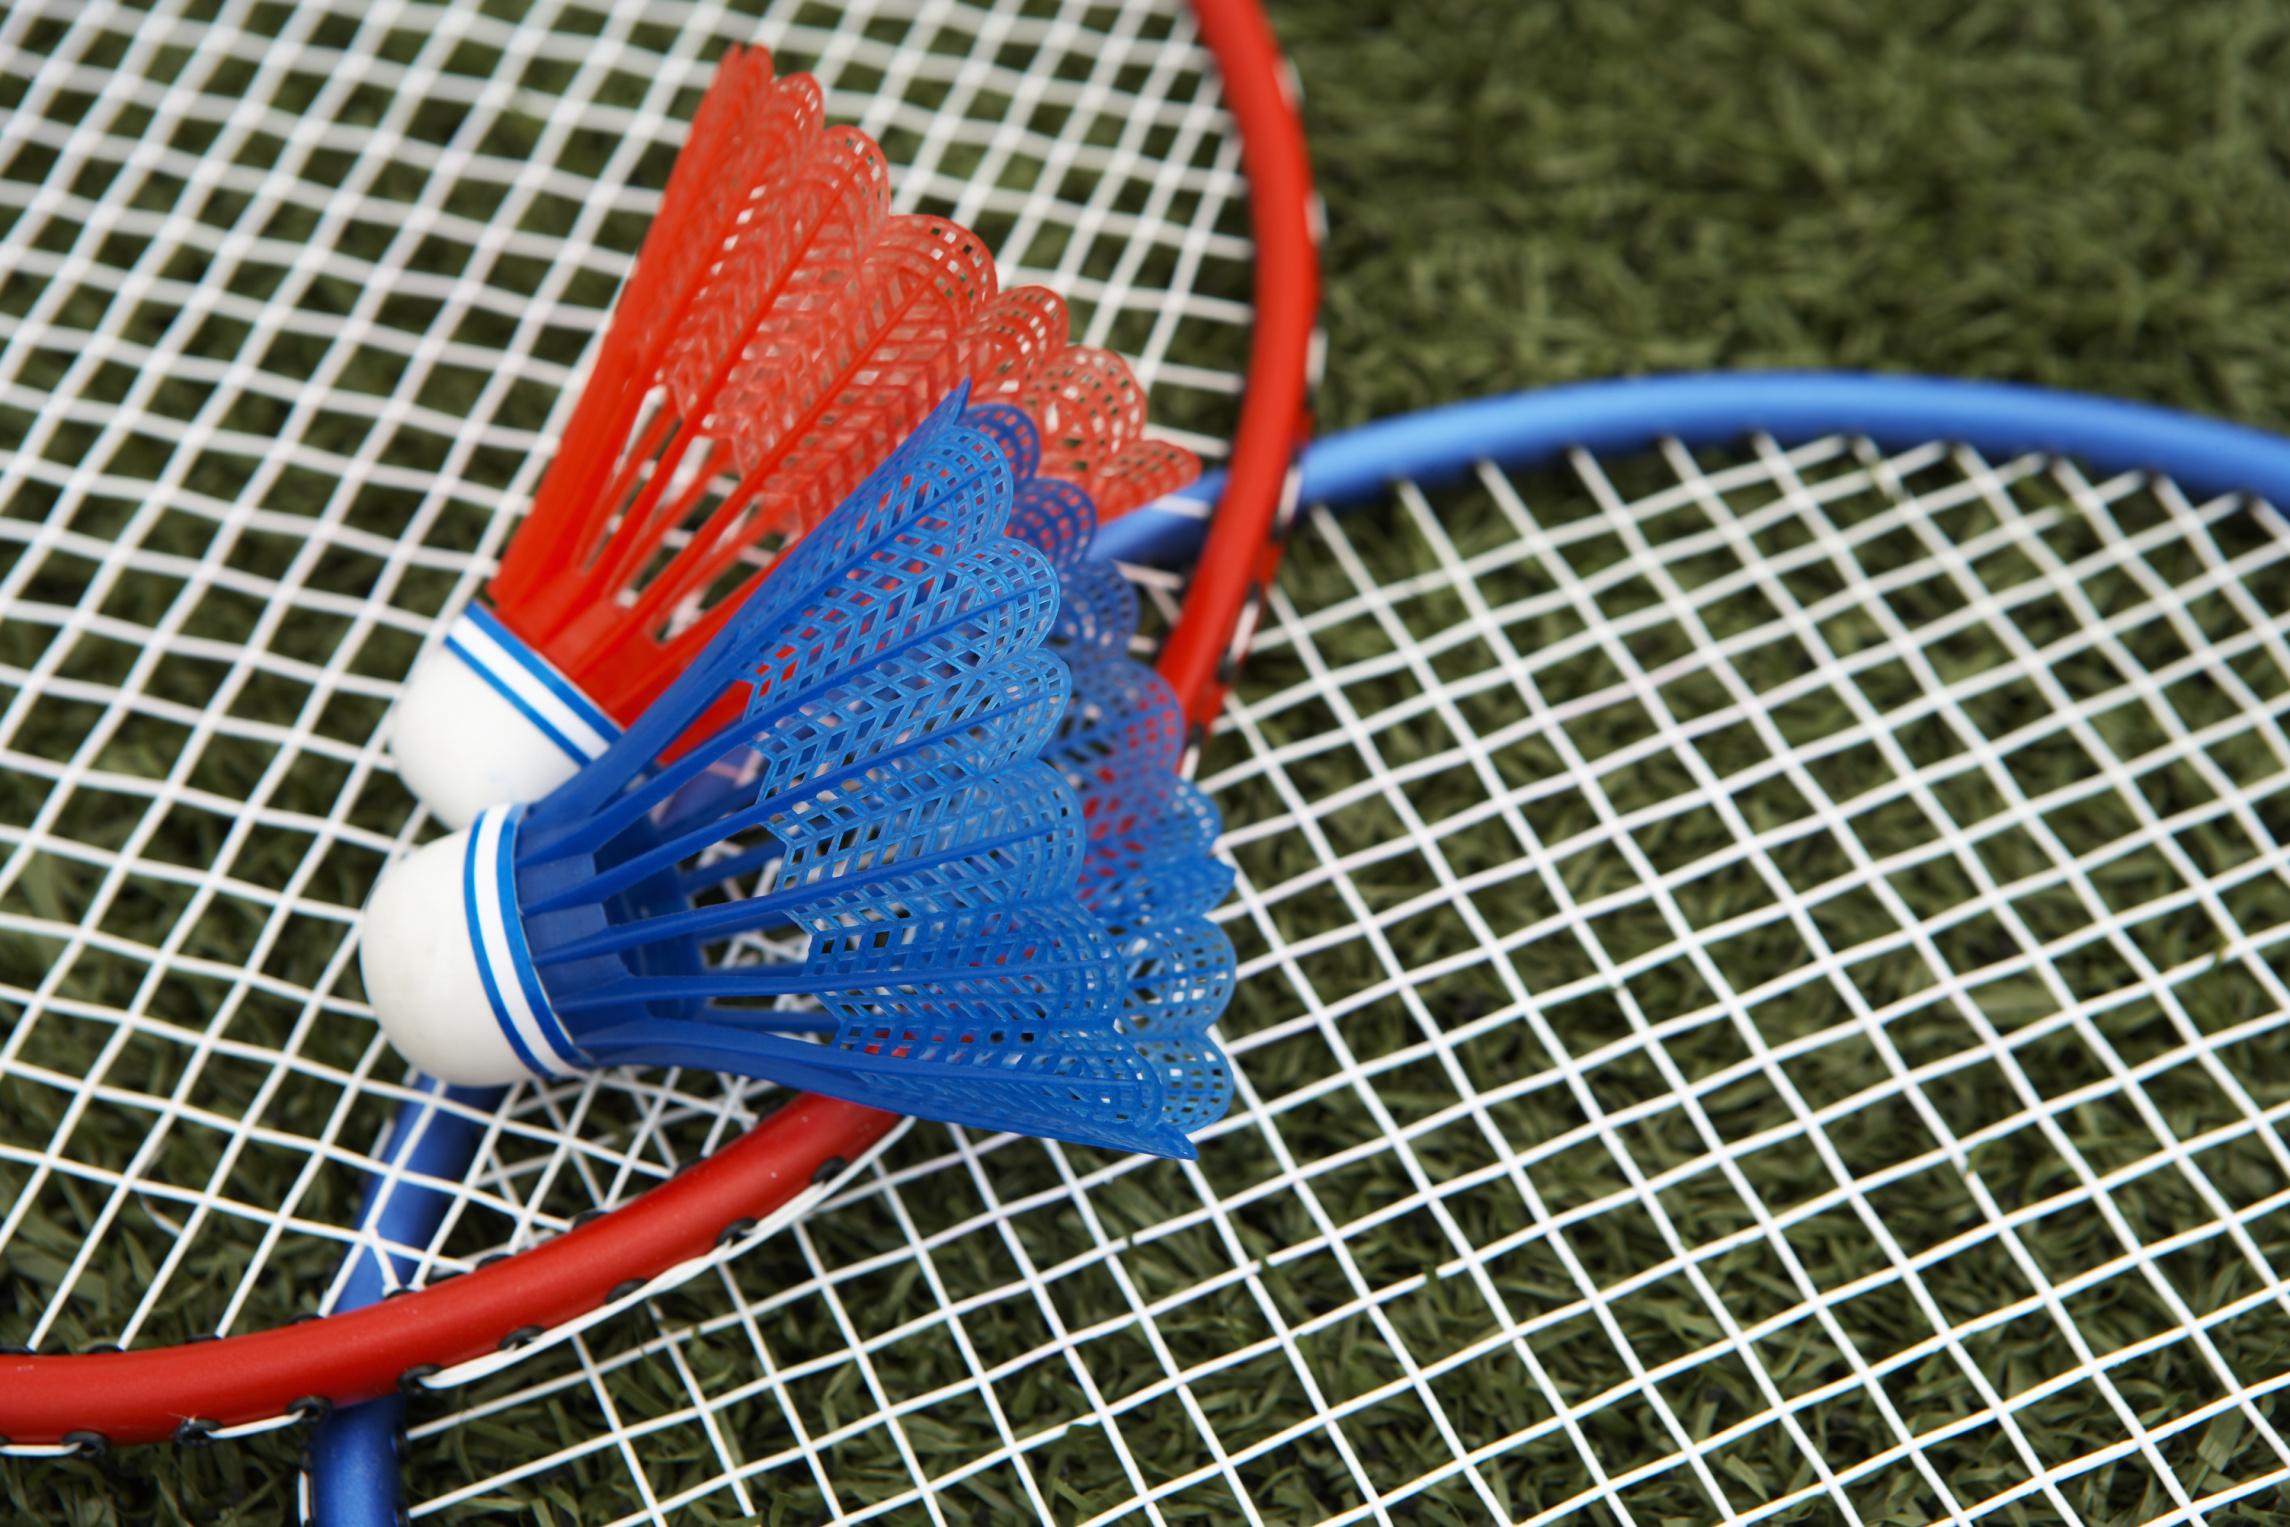 How To Assemble A Badminton Set